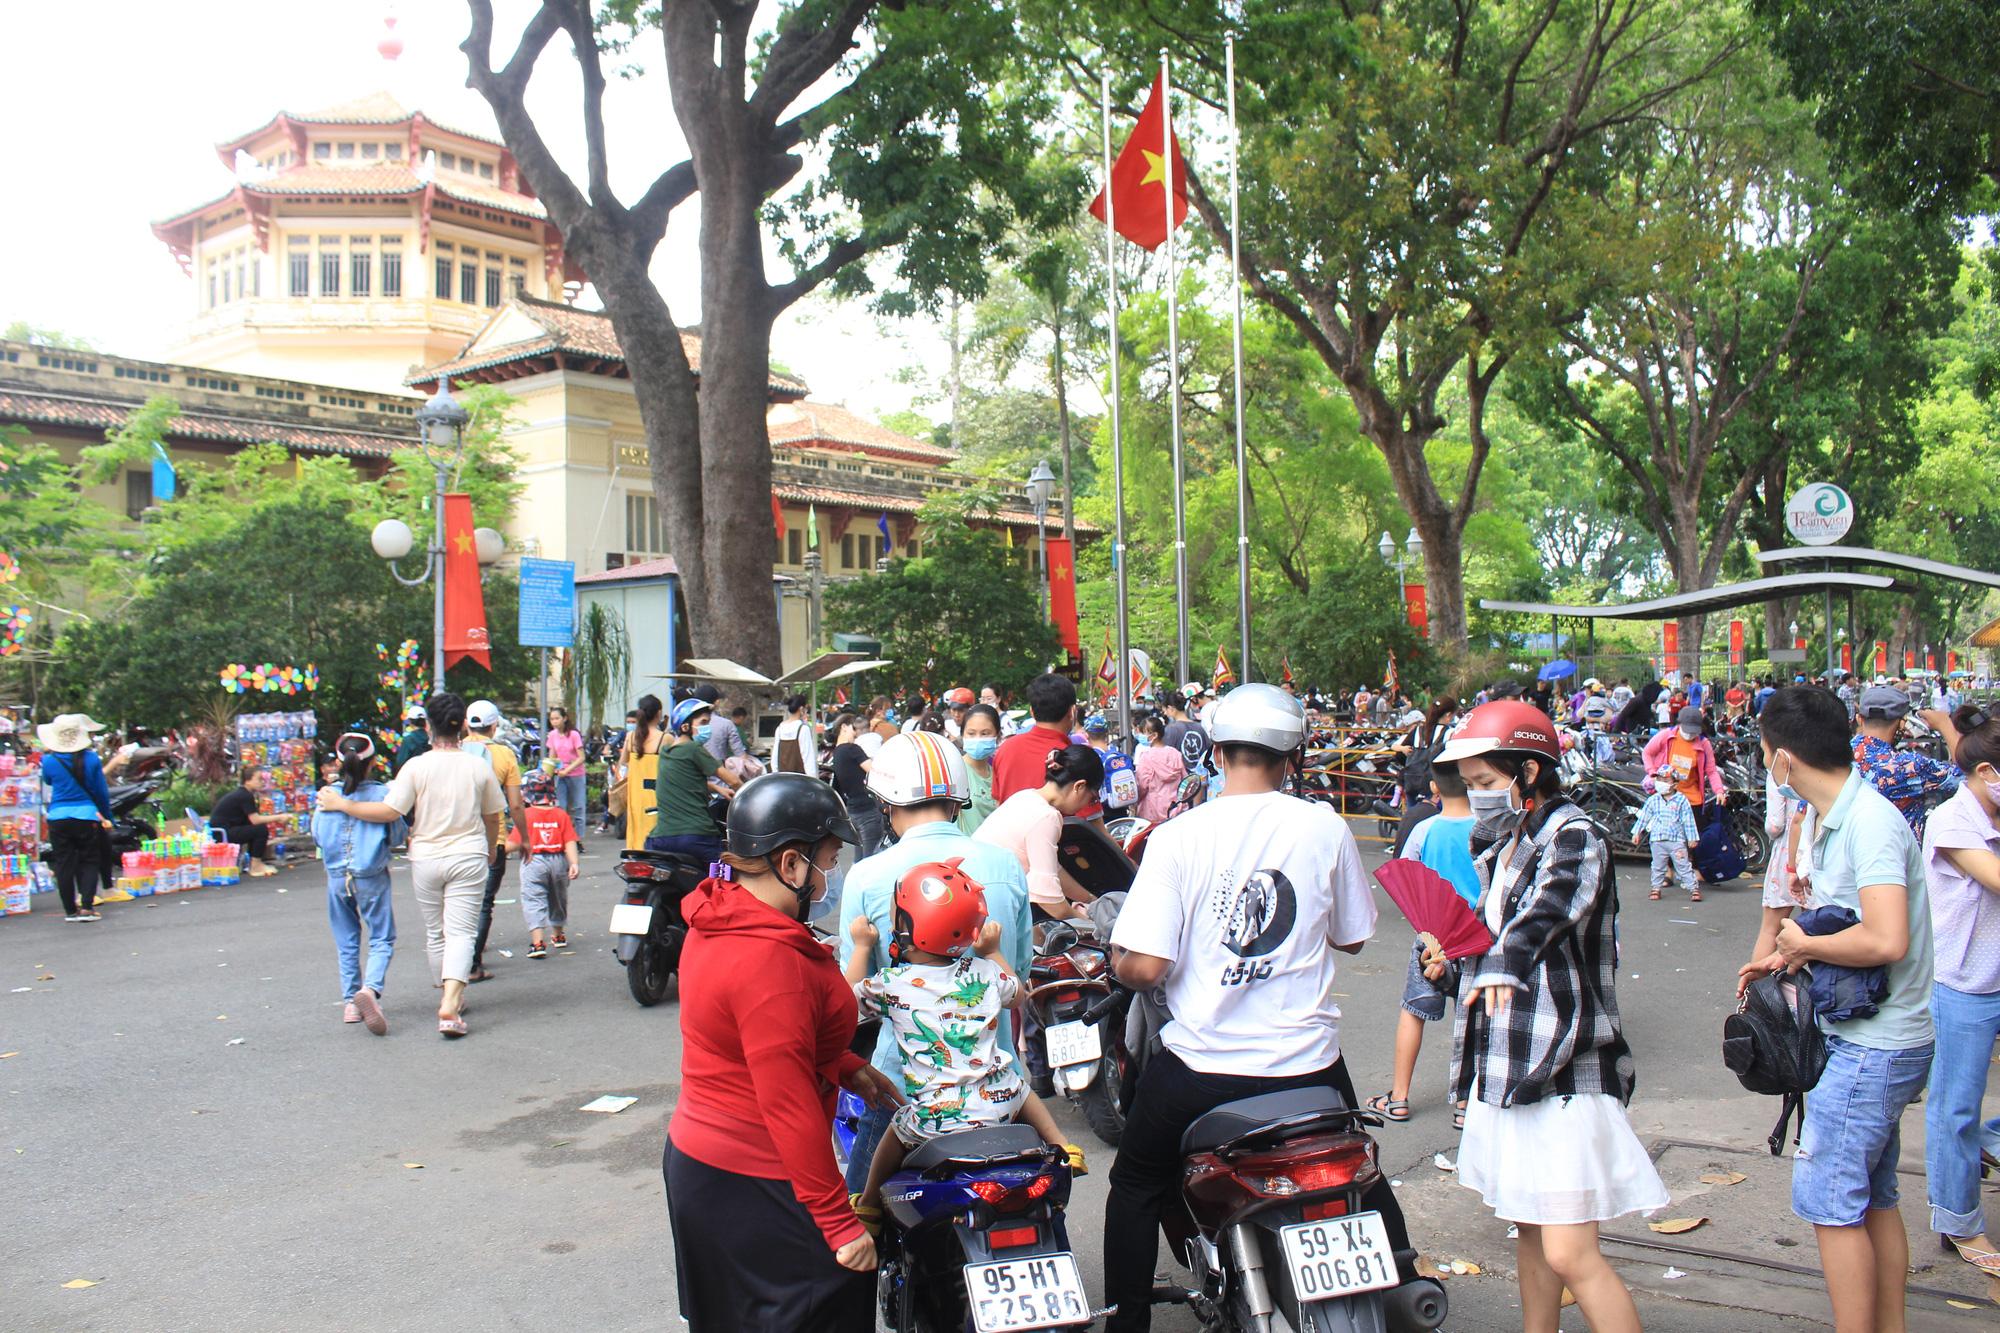 TP.HCM: Thảo Cầm Viên Sài Gòn, Đường sách đông nghẹt ngày Giỗ tổ Hùng Vương - Ảnh 6.